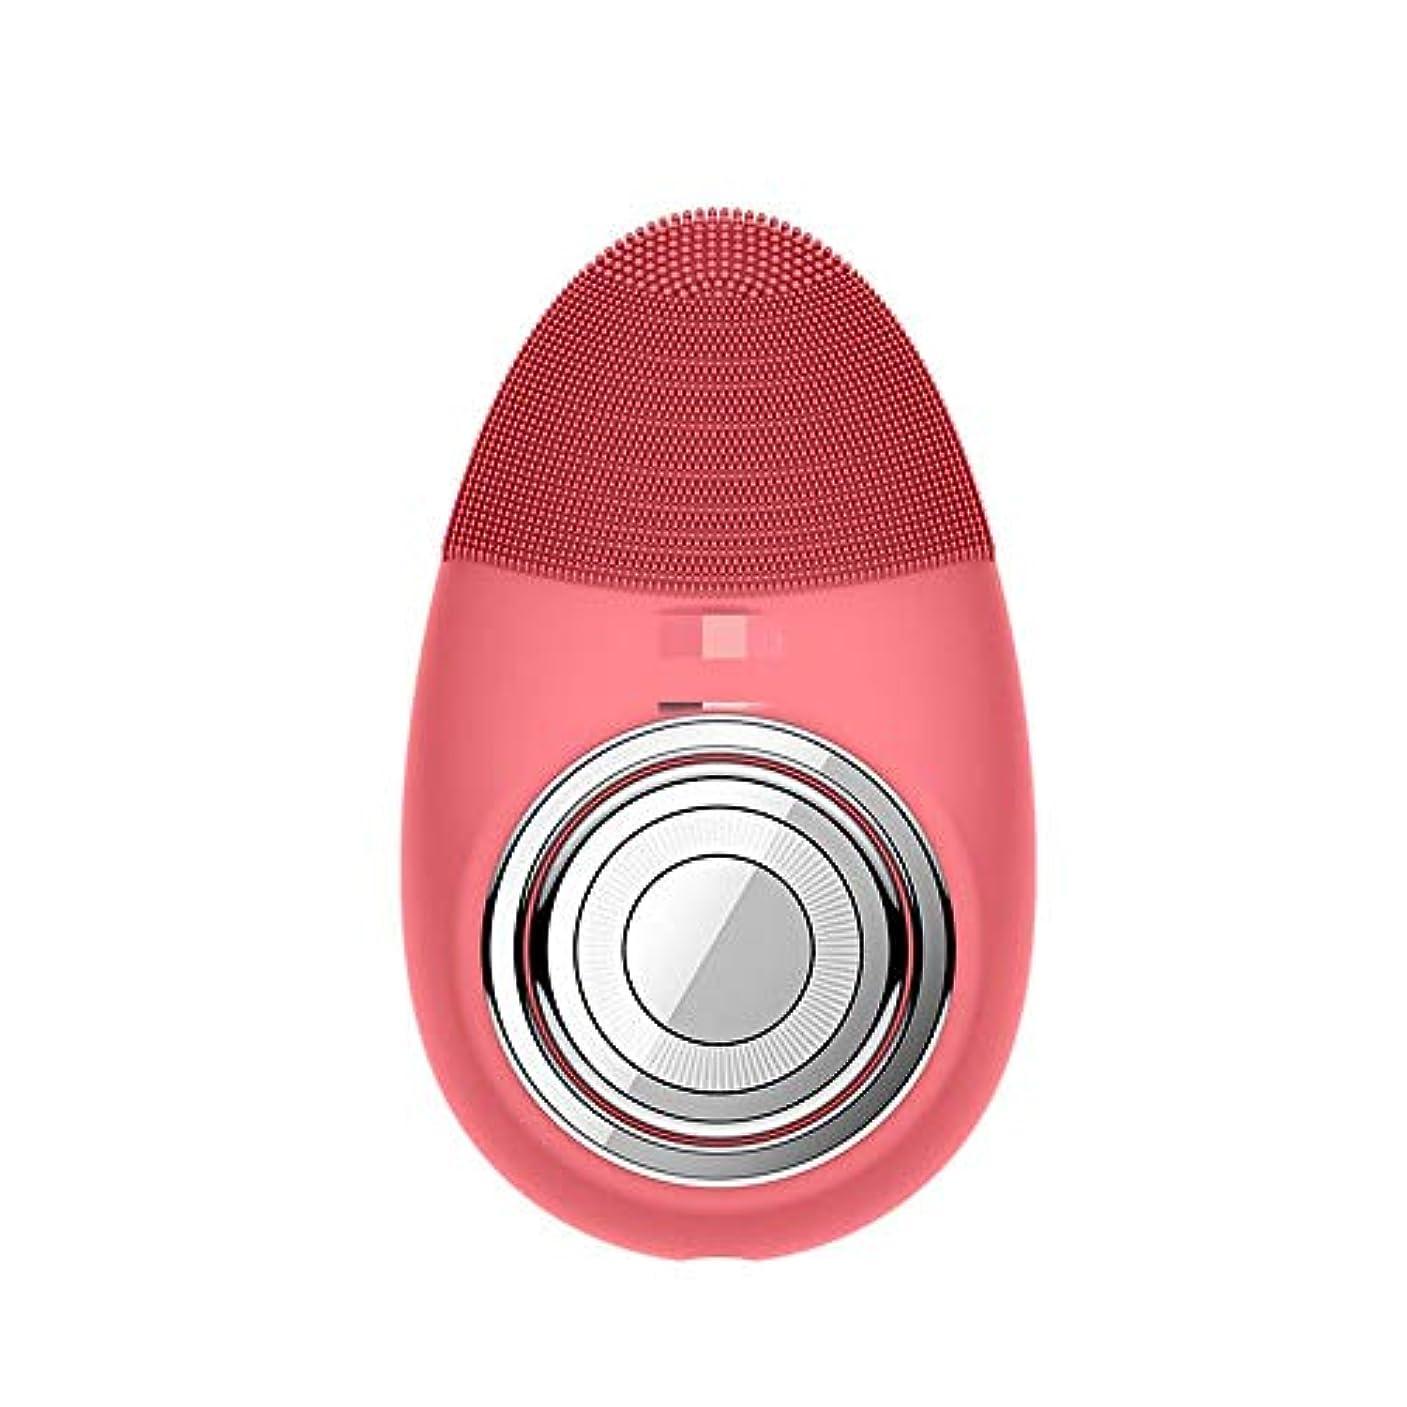 ブラシ教えコンペChaopeng 多機能電気恒温シリコーンクレンジング楽器赤灯肌清潔毛穴クリーナー輸入機器美容機器 (Color : Red)